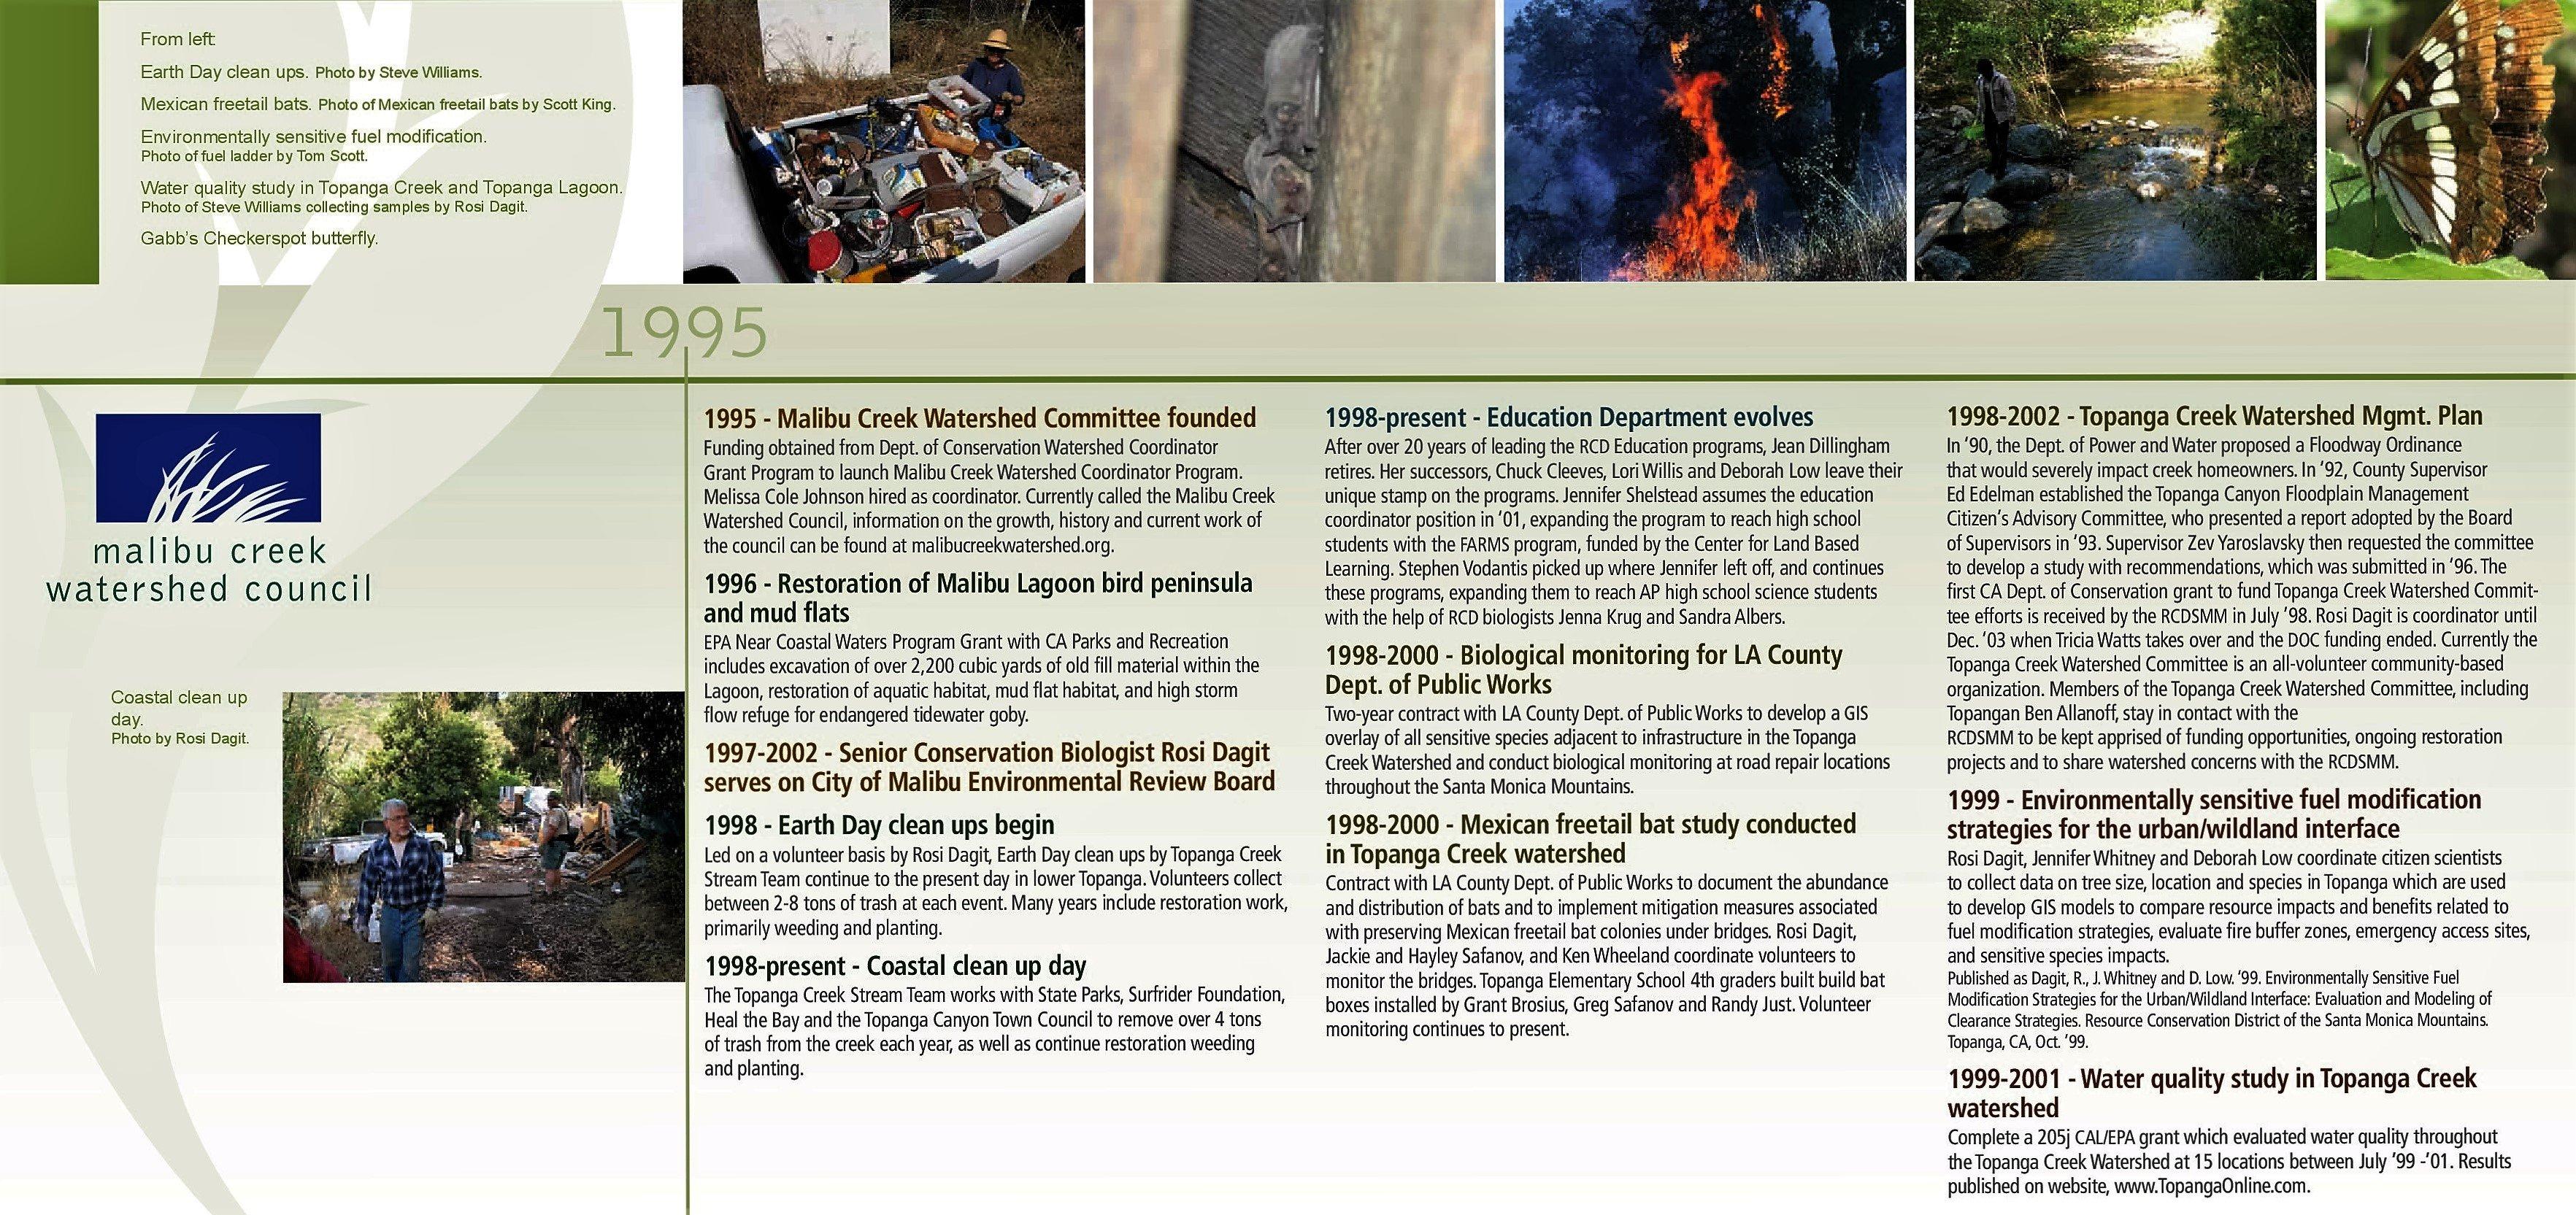 rcdsmm-50-year-timeline-003